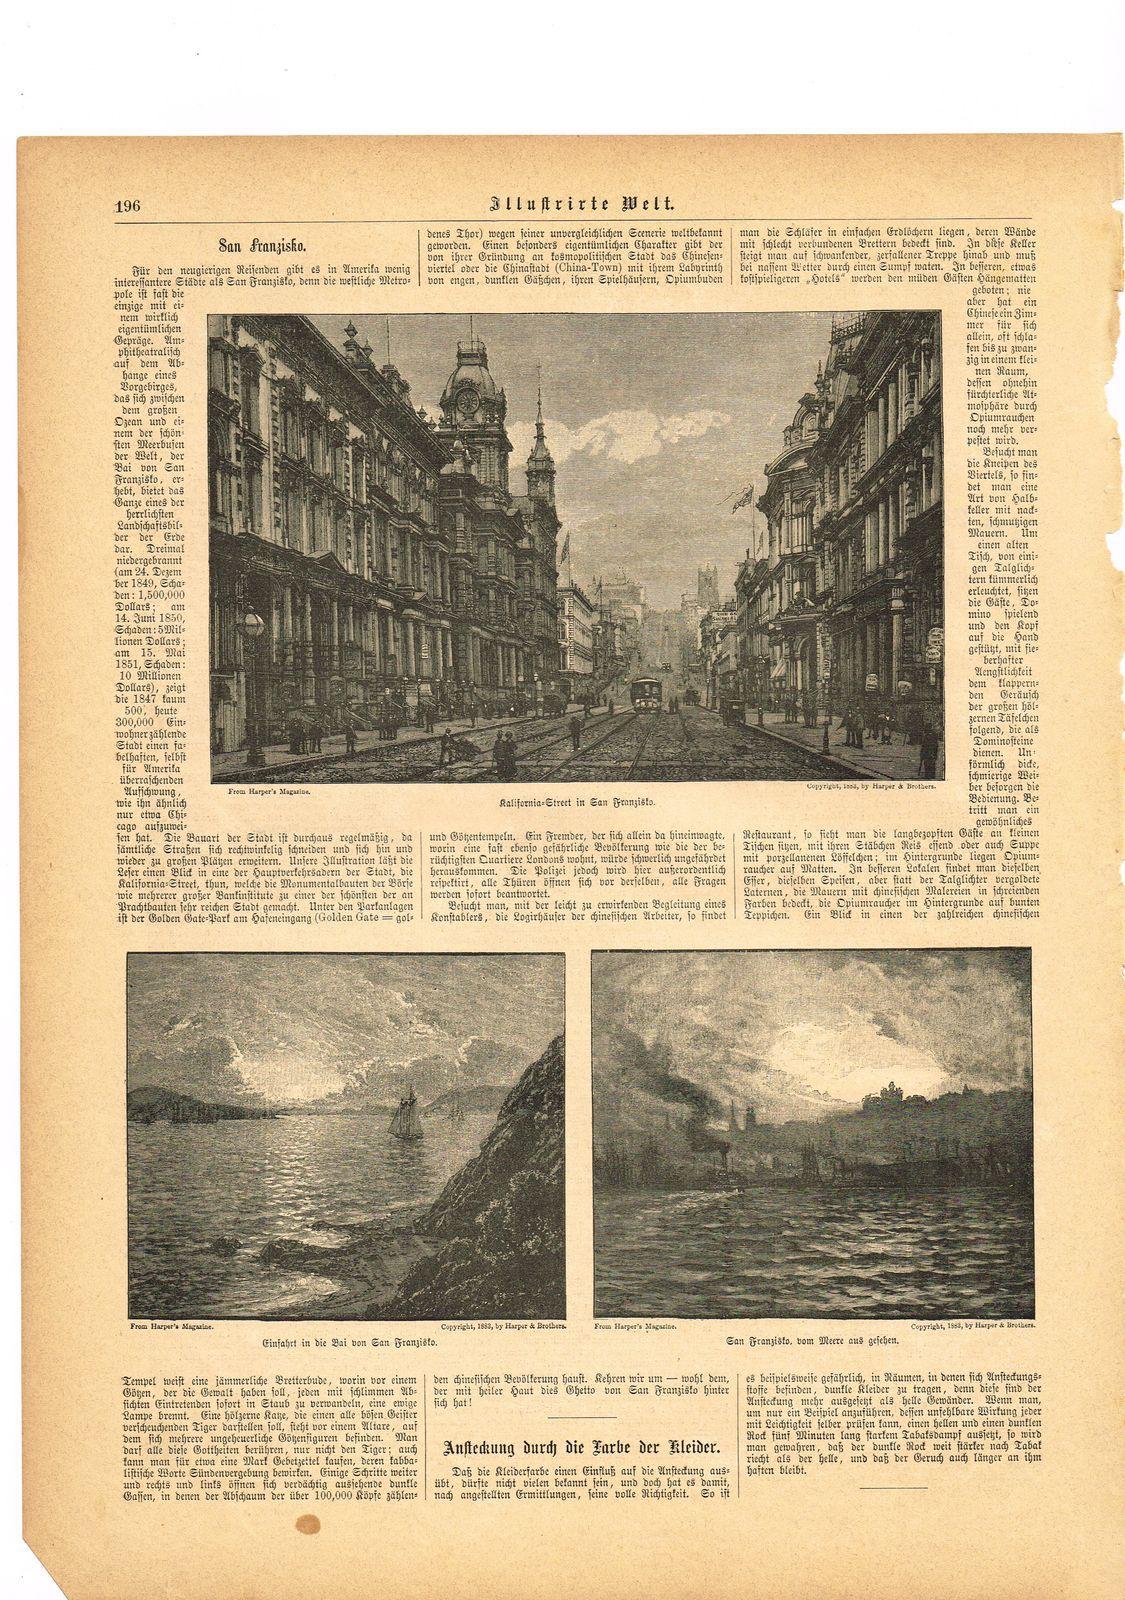 KDA147 - Stich Druck - 1889 - Kalifornia Street in San Franzisko - Einfahrt in die Bai von San Franzisko - San Franzisko vom Meere aus gesehen - San Francisco